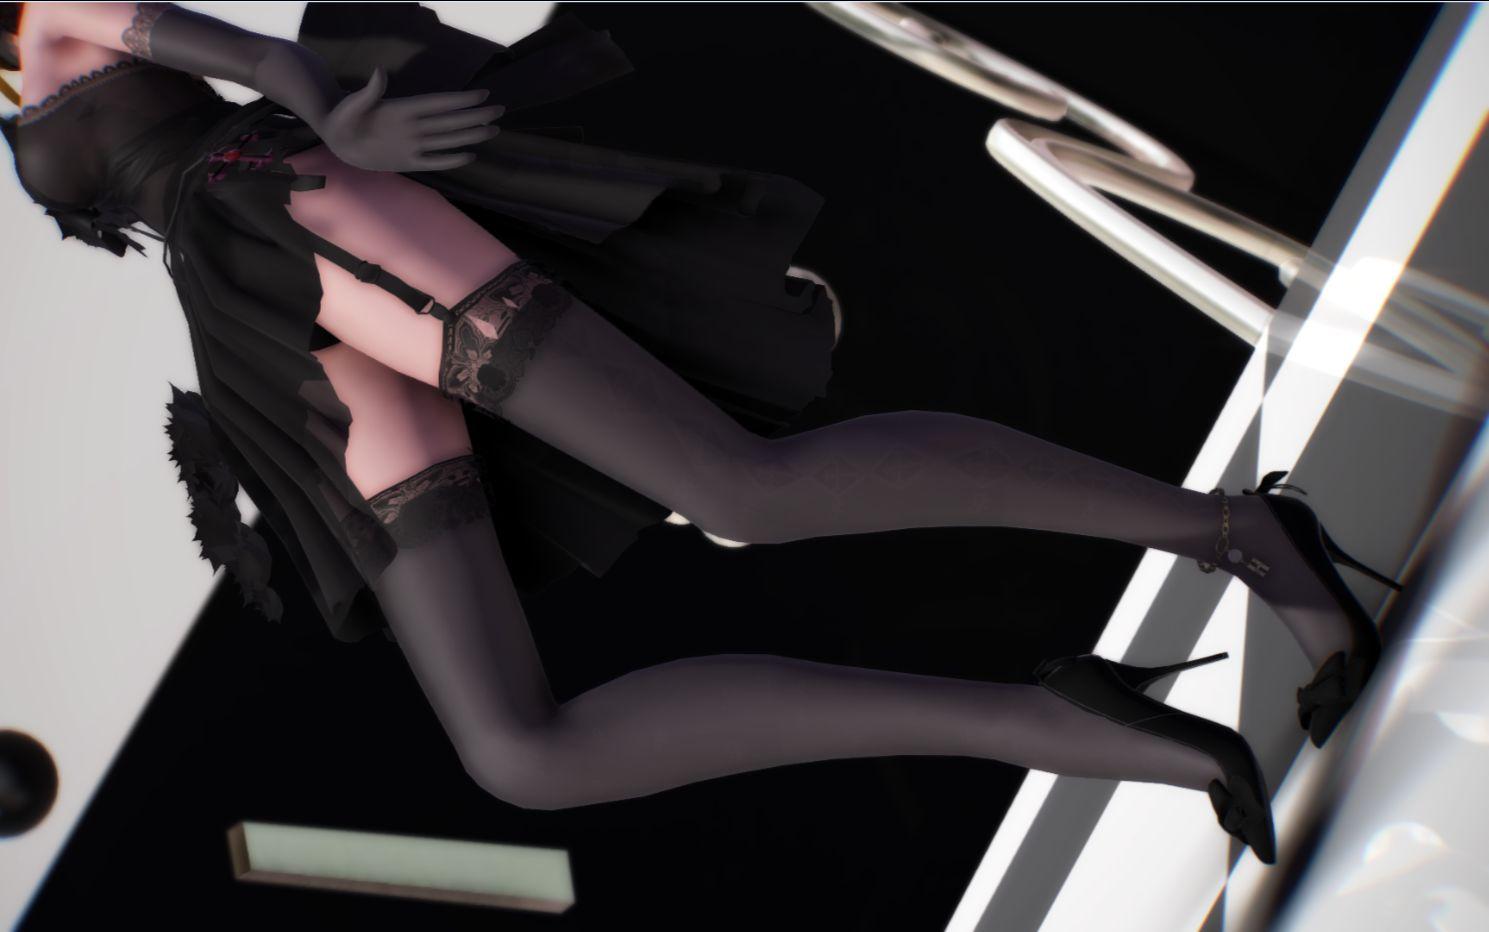 【营养不够系列】saber黑丝婚纱装!麻麻,钢化膜都被我舔碎裂了!Classic!绝对领域,纵享丝滑!腿控福利!这不是绅